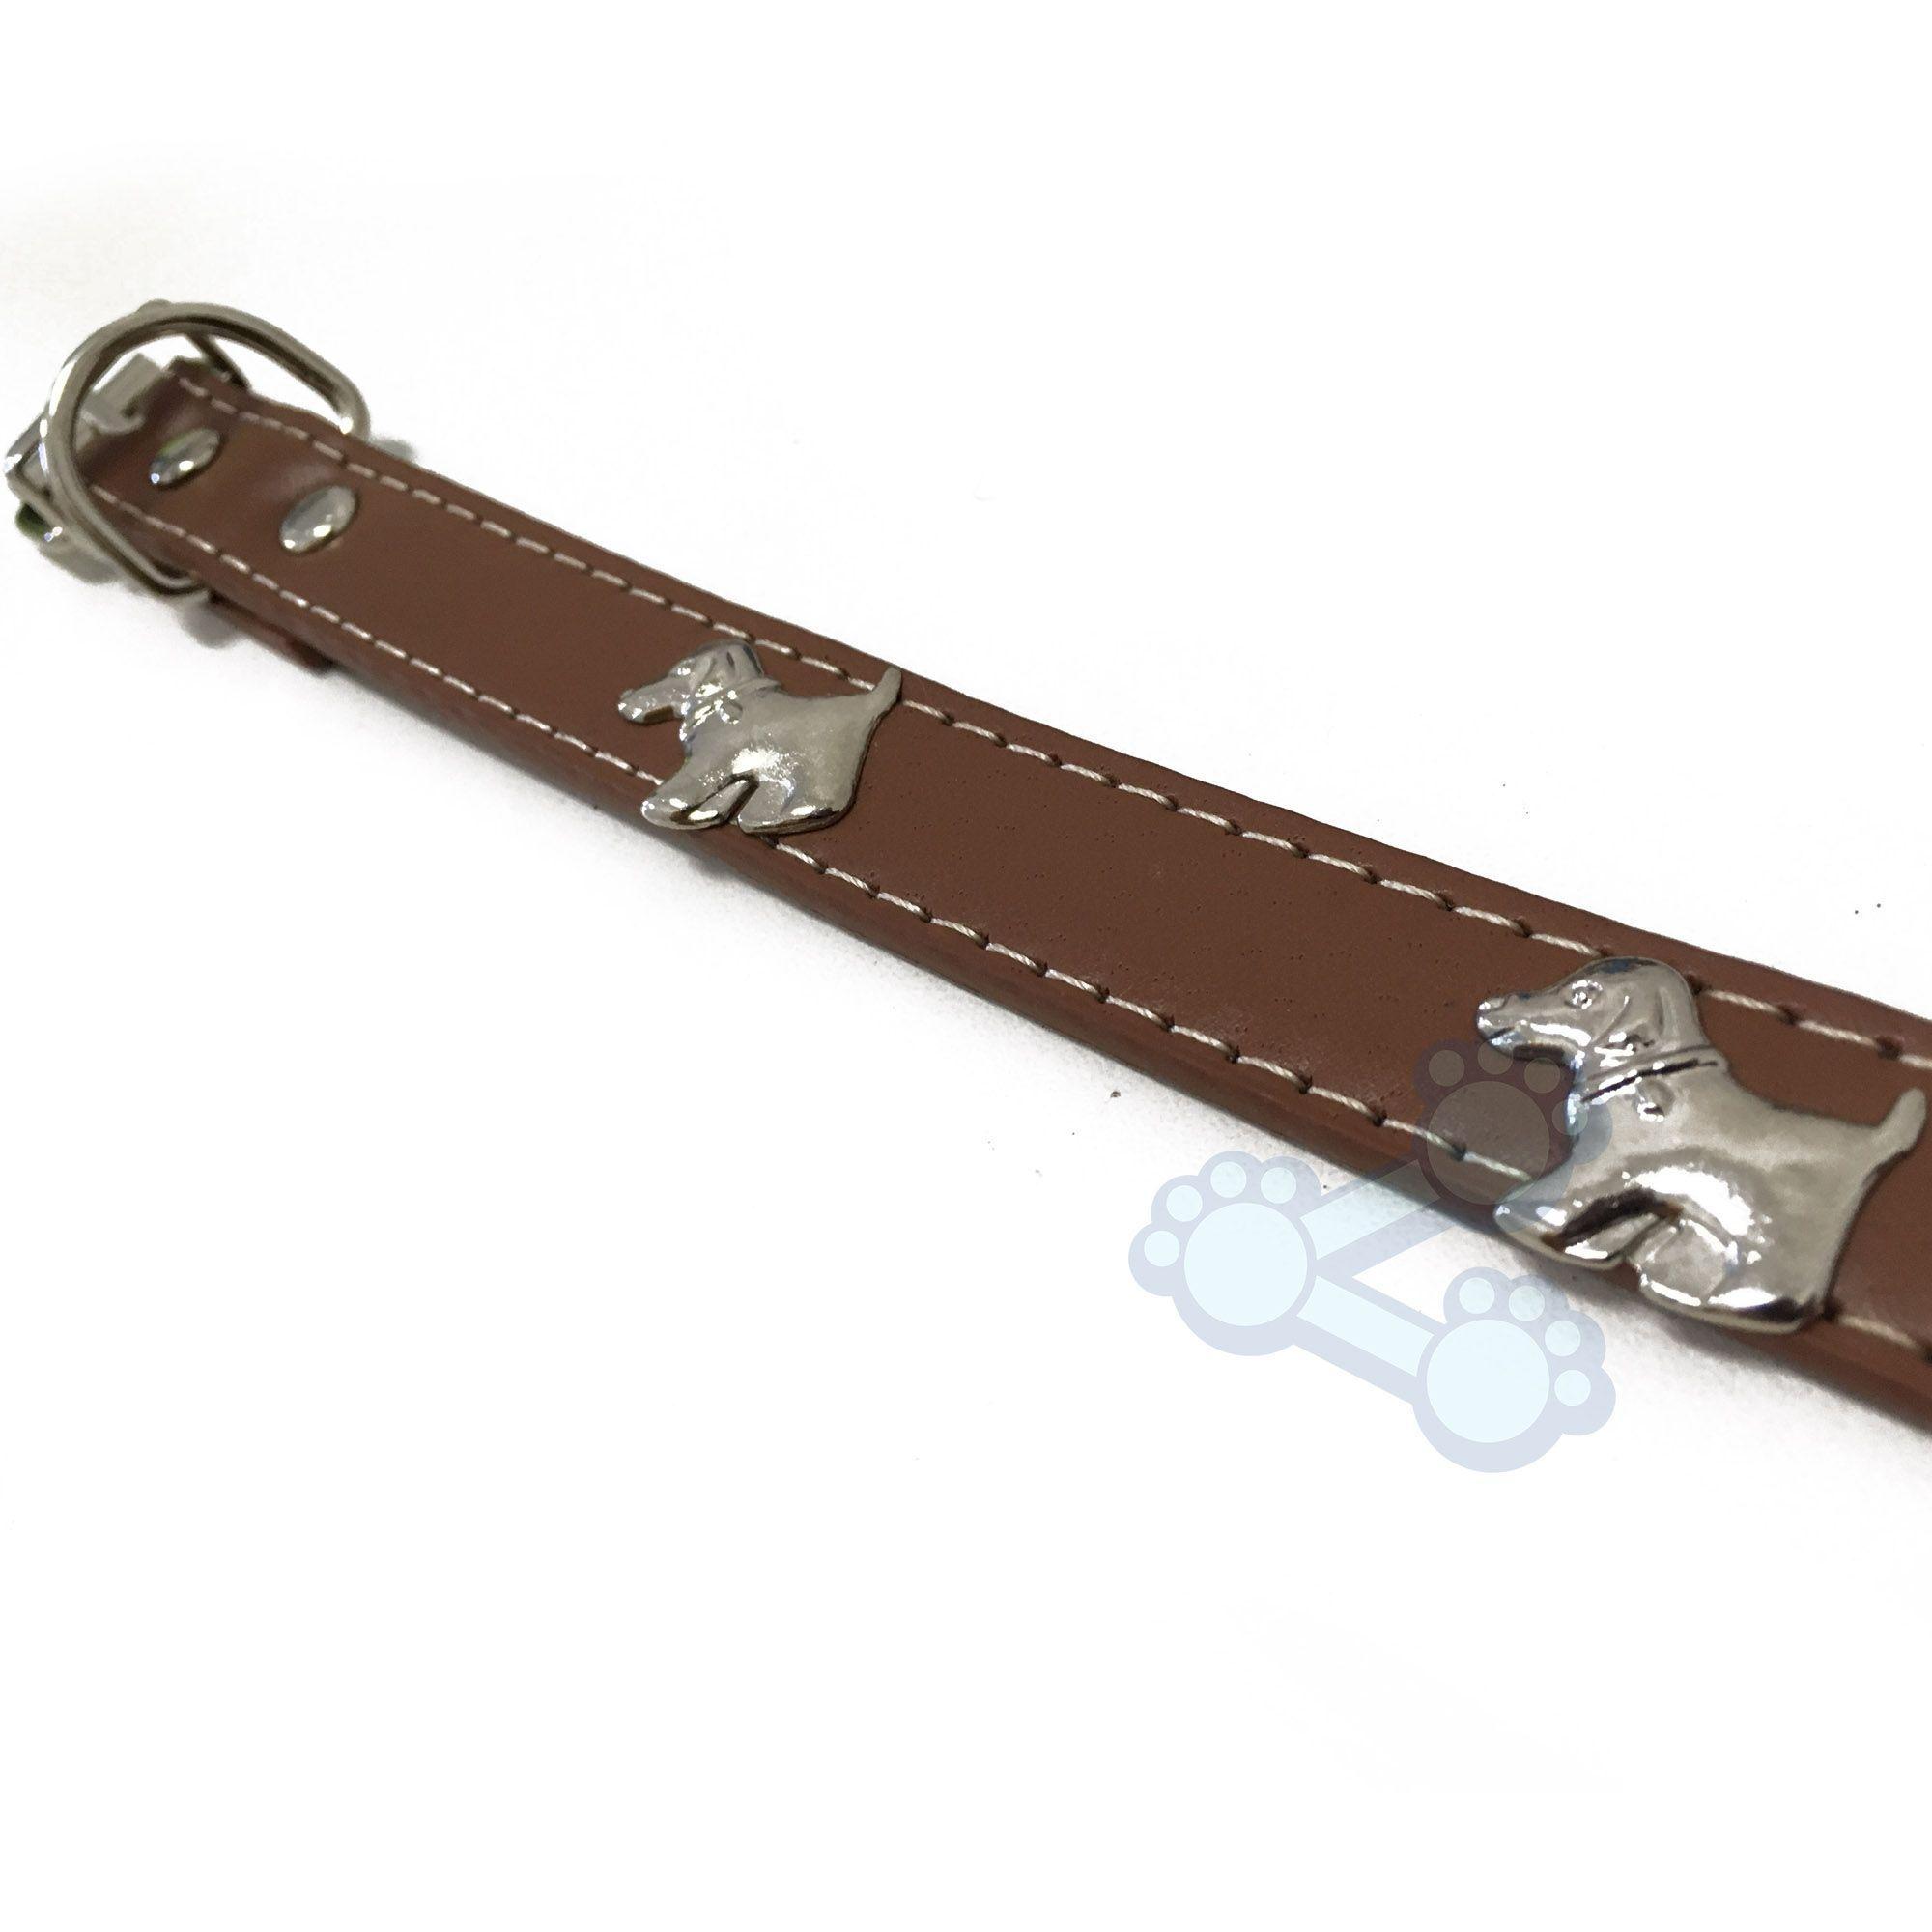 Coleira para Cães em Couro com detalhe de Cachorrinhos em Metal - Cachorro.